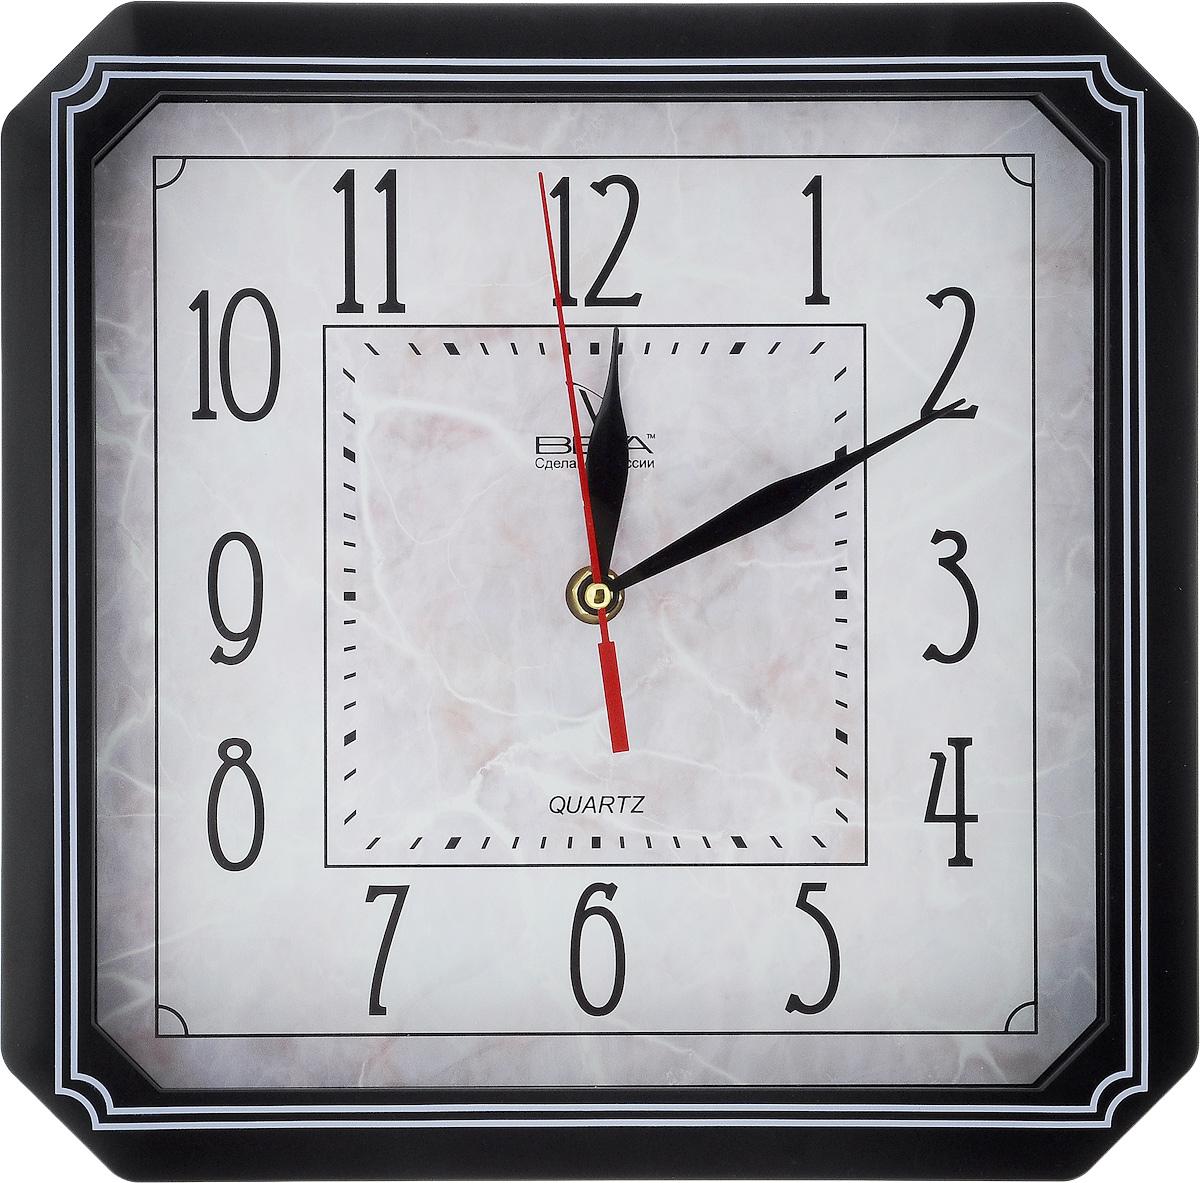 Часы настенные Вега Классика, 27,8 х 27,8 см. П4-61321П4-61321/6-24Настенные кварцевые часы Вега Классика, изготовленные из пластика, прекрасно впишутся в интерьер вашего дома. Часы имеют три стрелки: часовую, минутную и секундную, циферблат защищен прозрачным стеклом. Часы работают от 1 батарейки типа АА напряжением 1,5 В (не входит в комплект). Прилагается инструкция по эксплуатации.